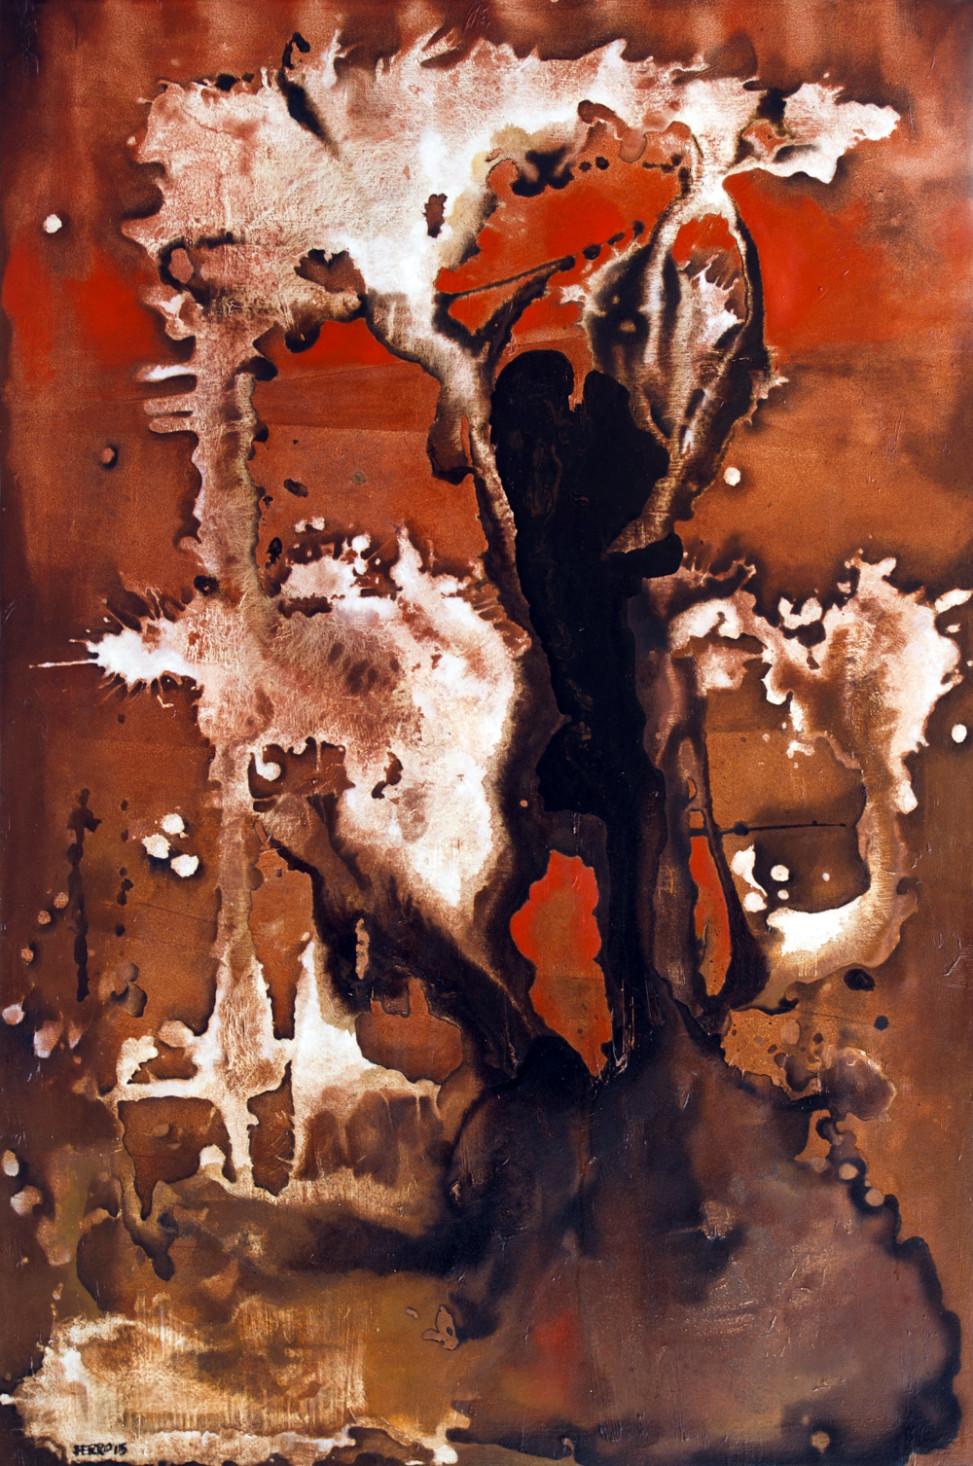 Senza titolo, bitume e olio su tela, 2015